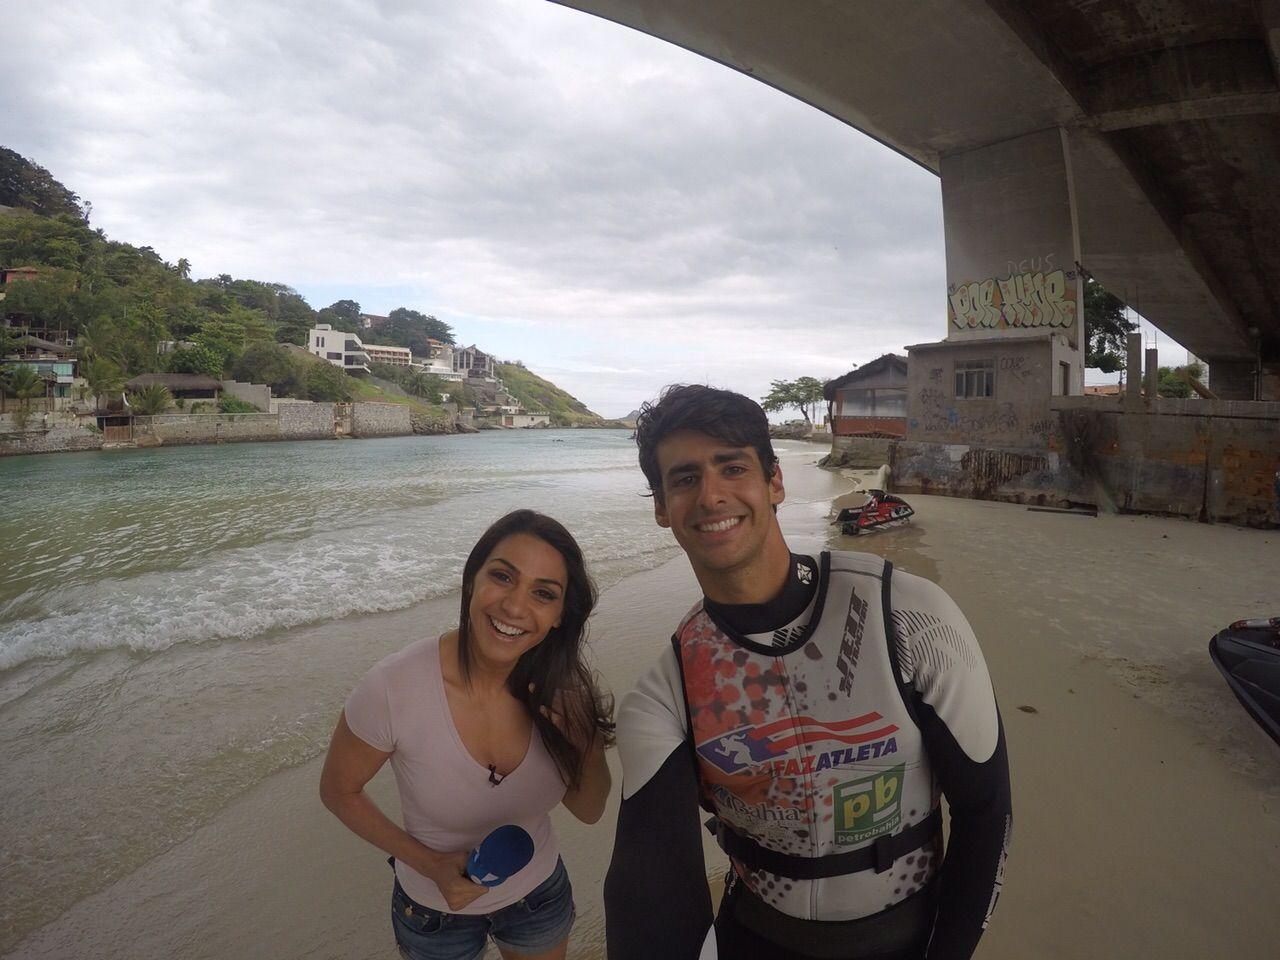 Piloto de #jetski Freeride Bruno Jacob em entrevista à Rede TV.  #assessoriadeimprensa #marketingesportivo www.benditaimagem.com.br